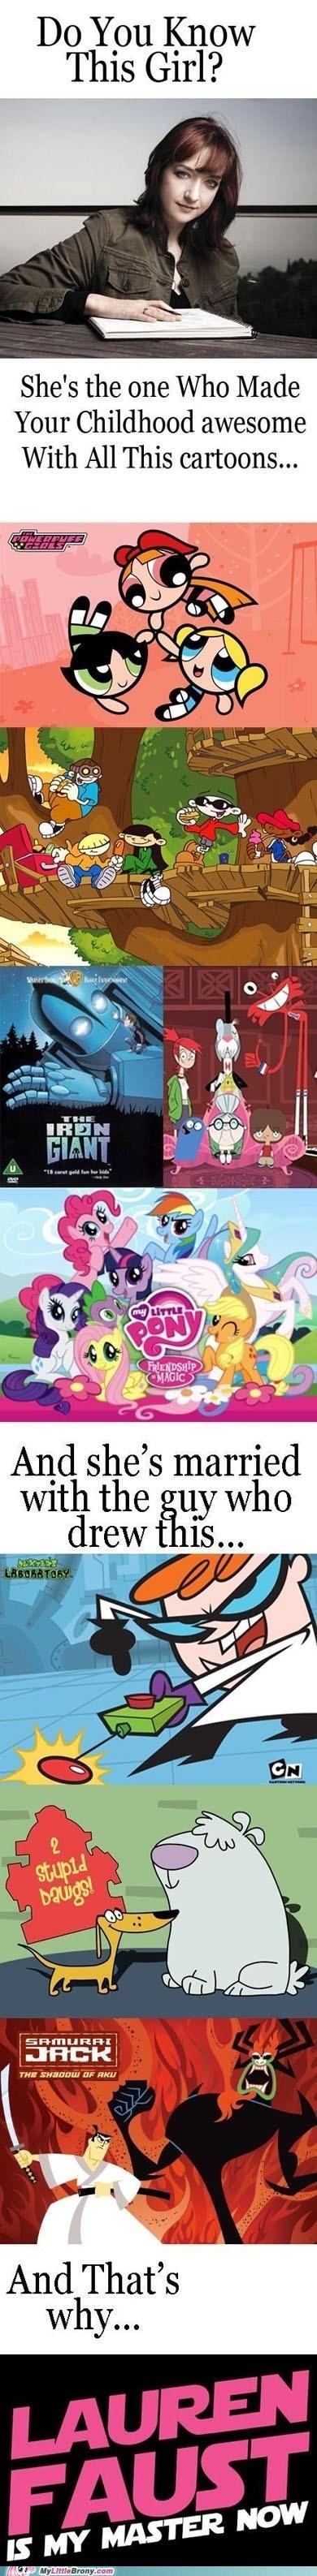 cartoons childhood creation lauren faust powerpuff girls TV - 6371848192